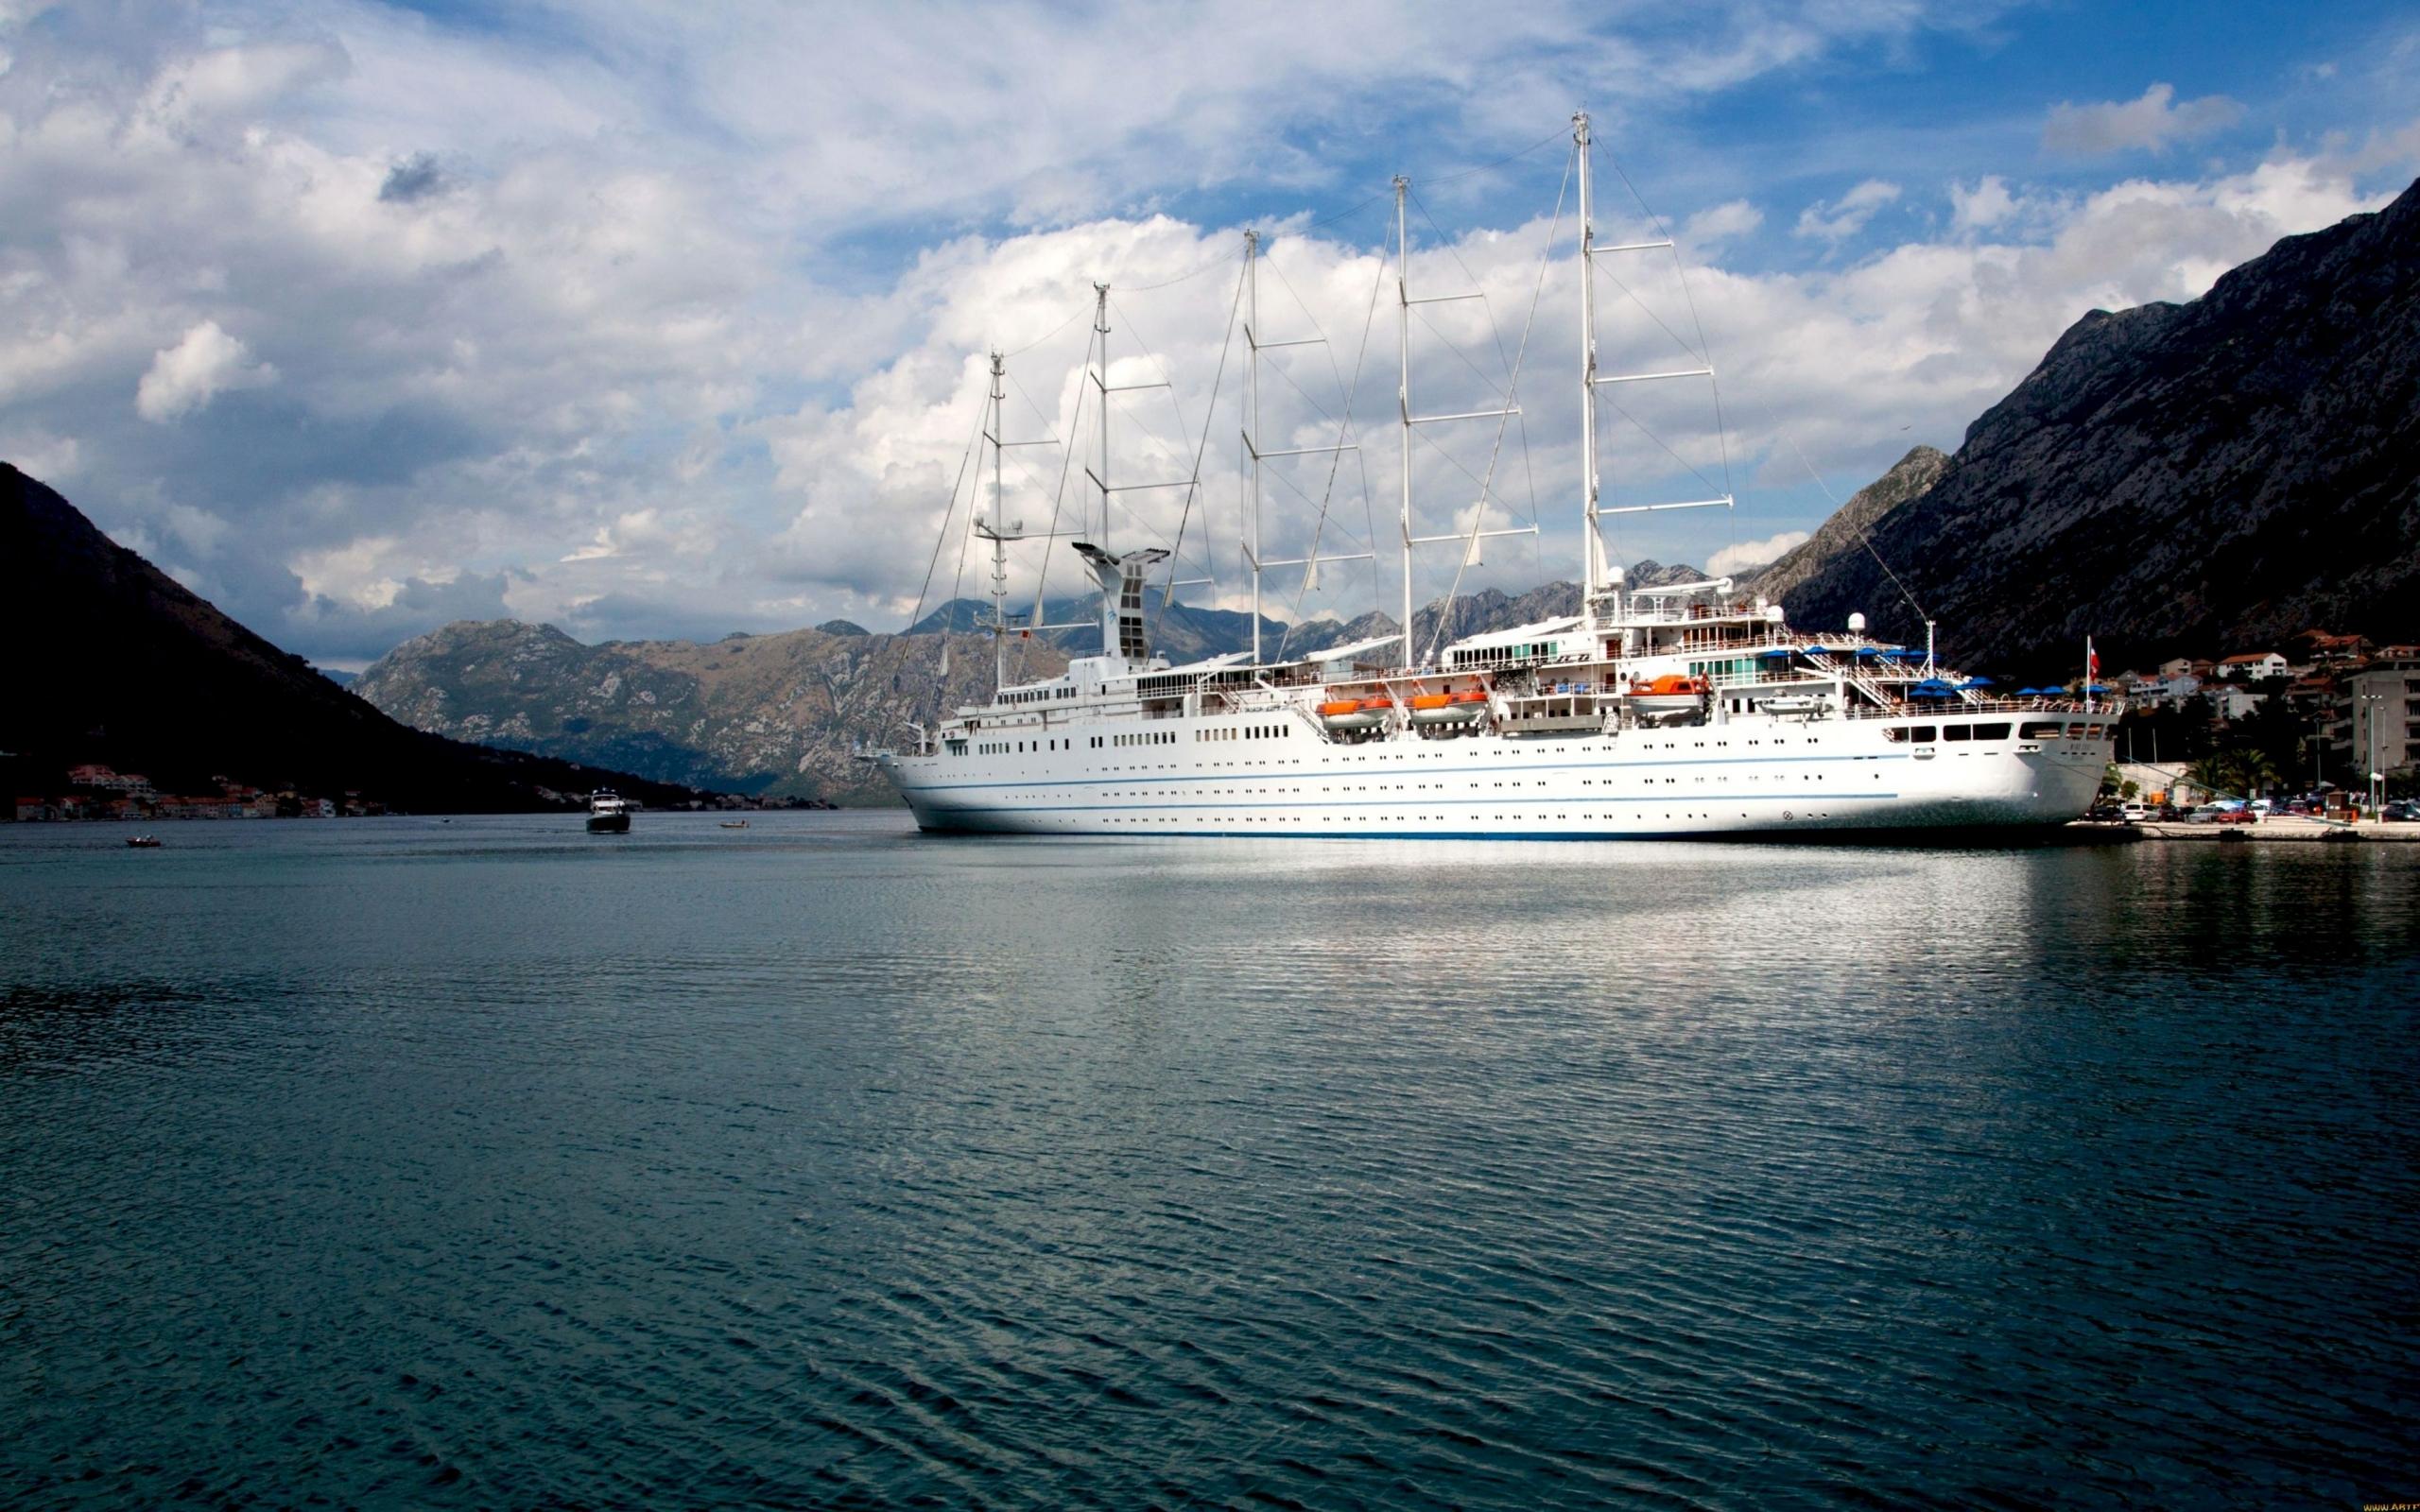 46487 скачать обои Транспорт, Пейзаж, Корабли, Море - заставки и картинки бесплатно